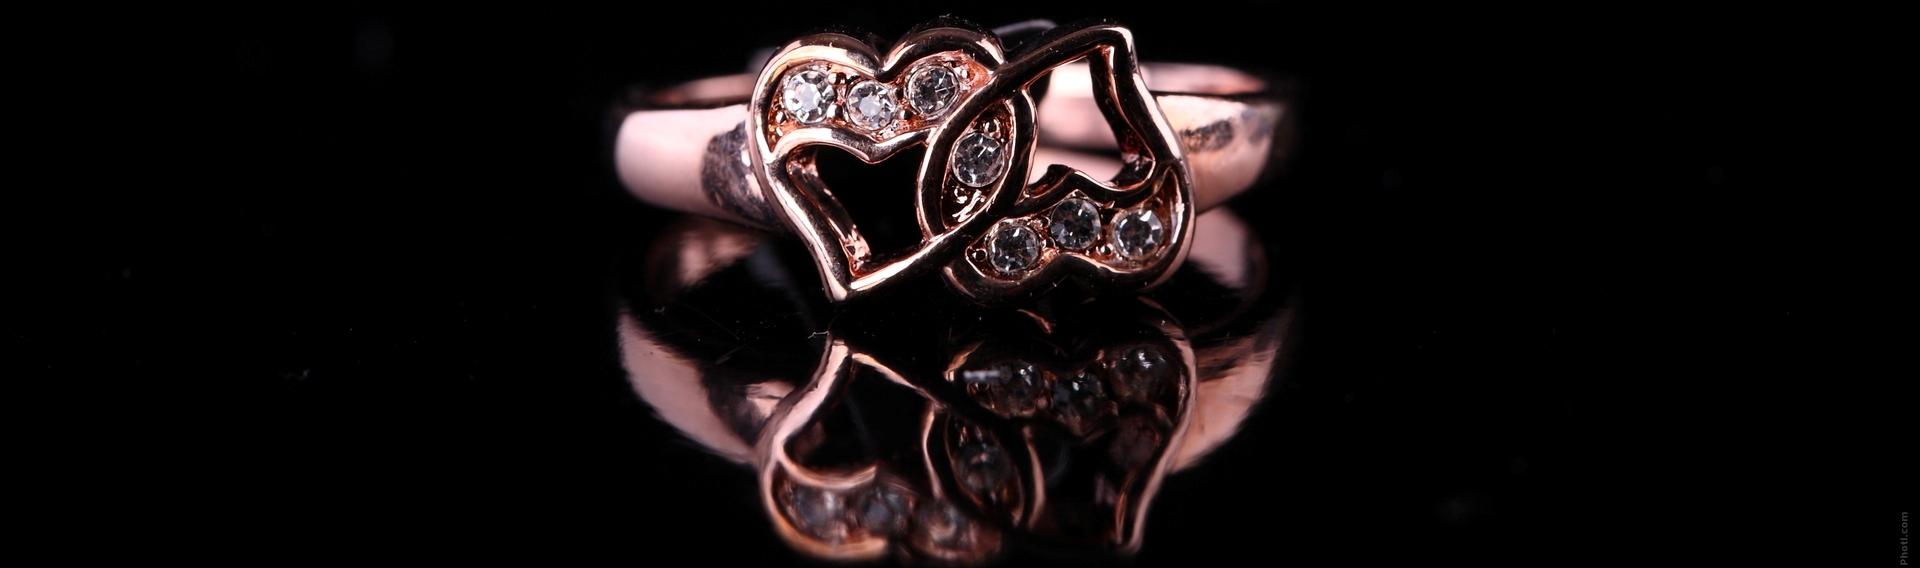 Comment porter votre anneau de mariage  Photographie